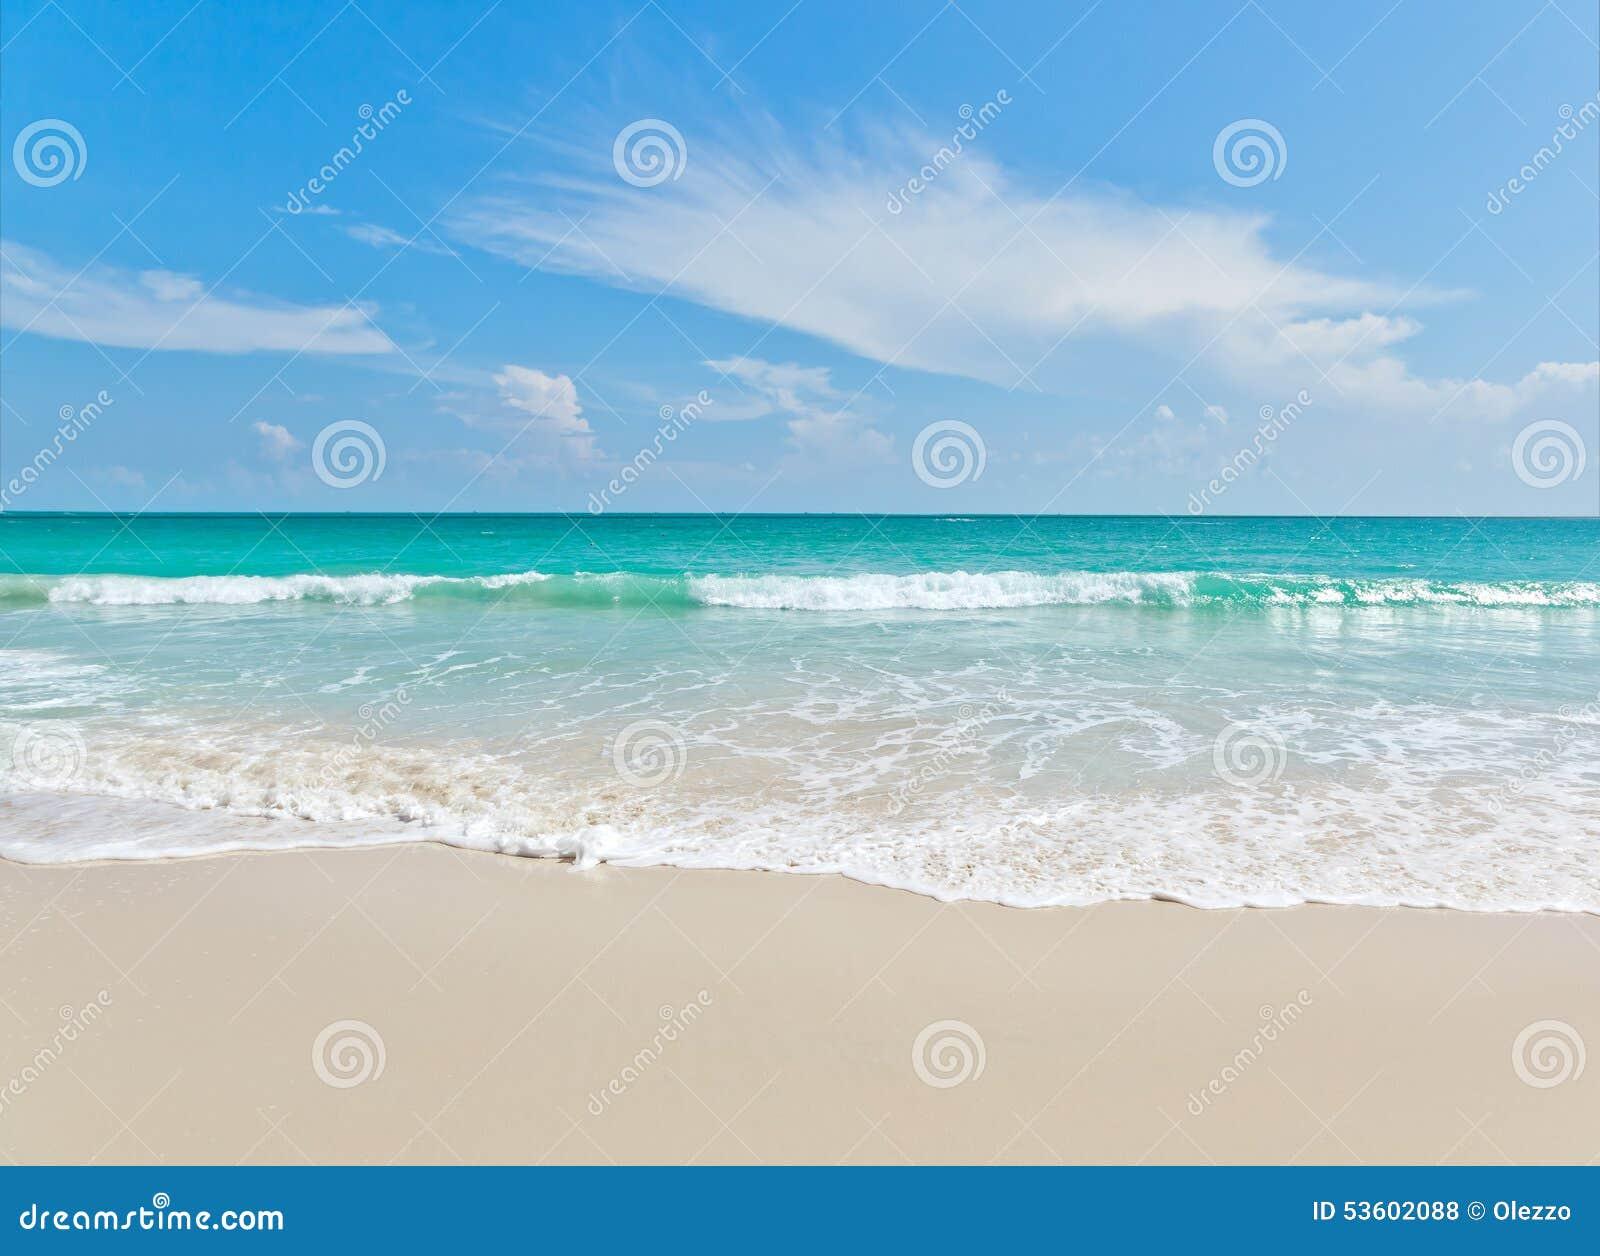 Viewpo da paisagem do abrandamento da luz do dia do sol da areia do céu azul da praia do mar